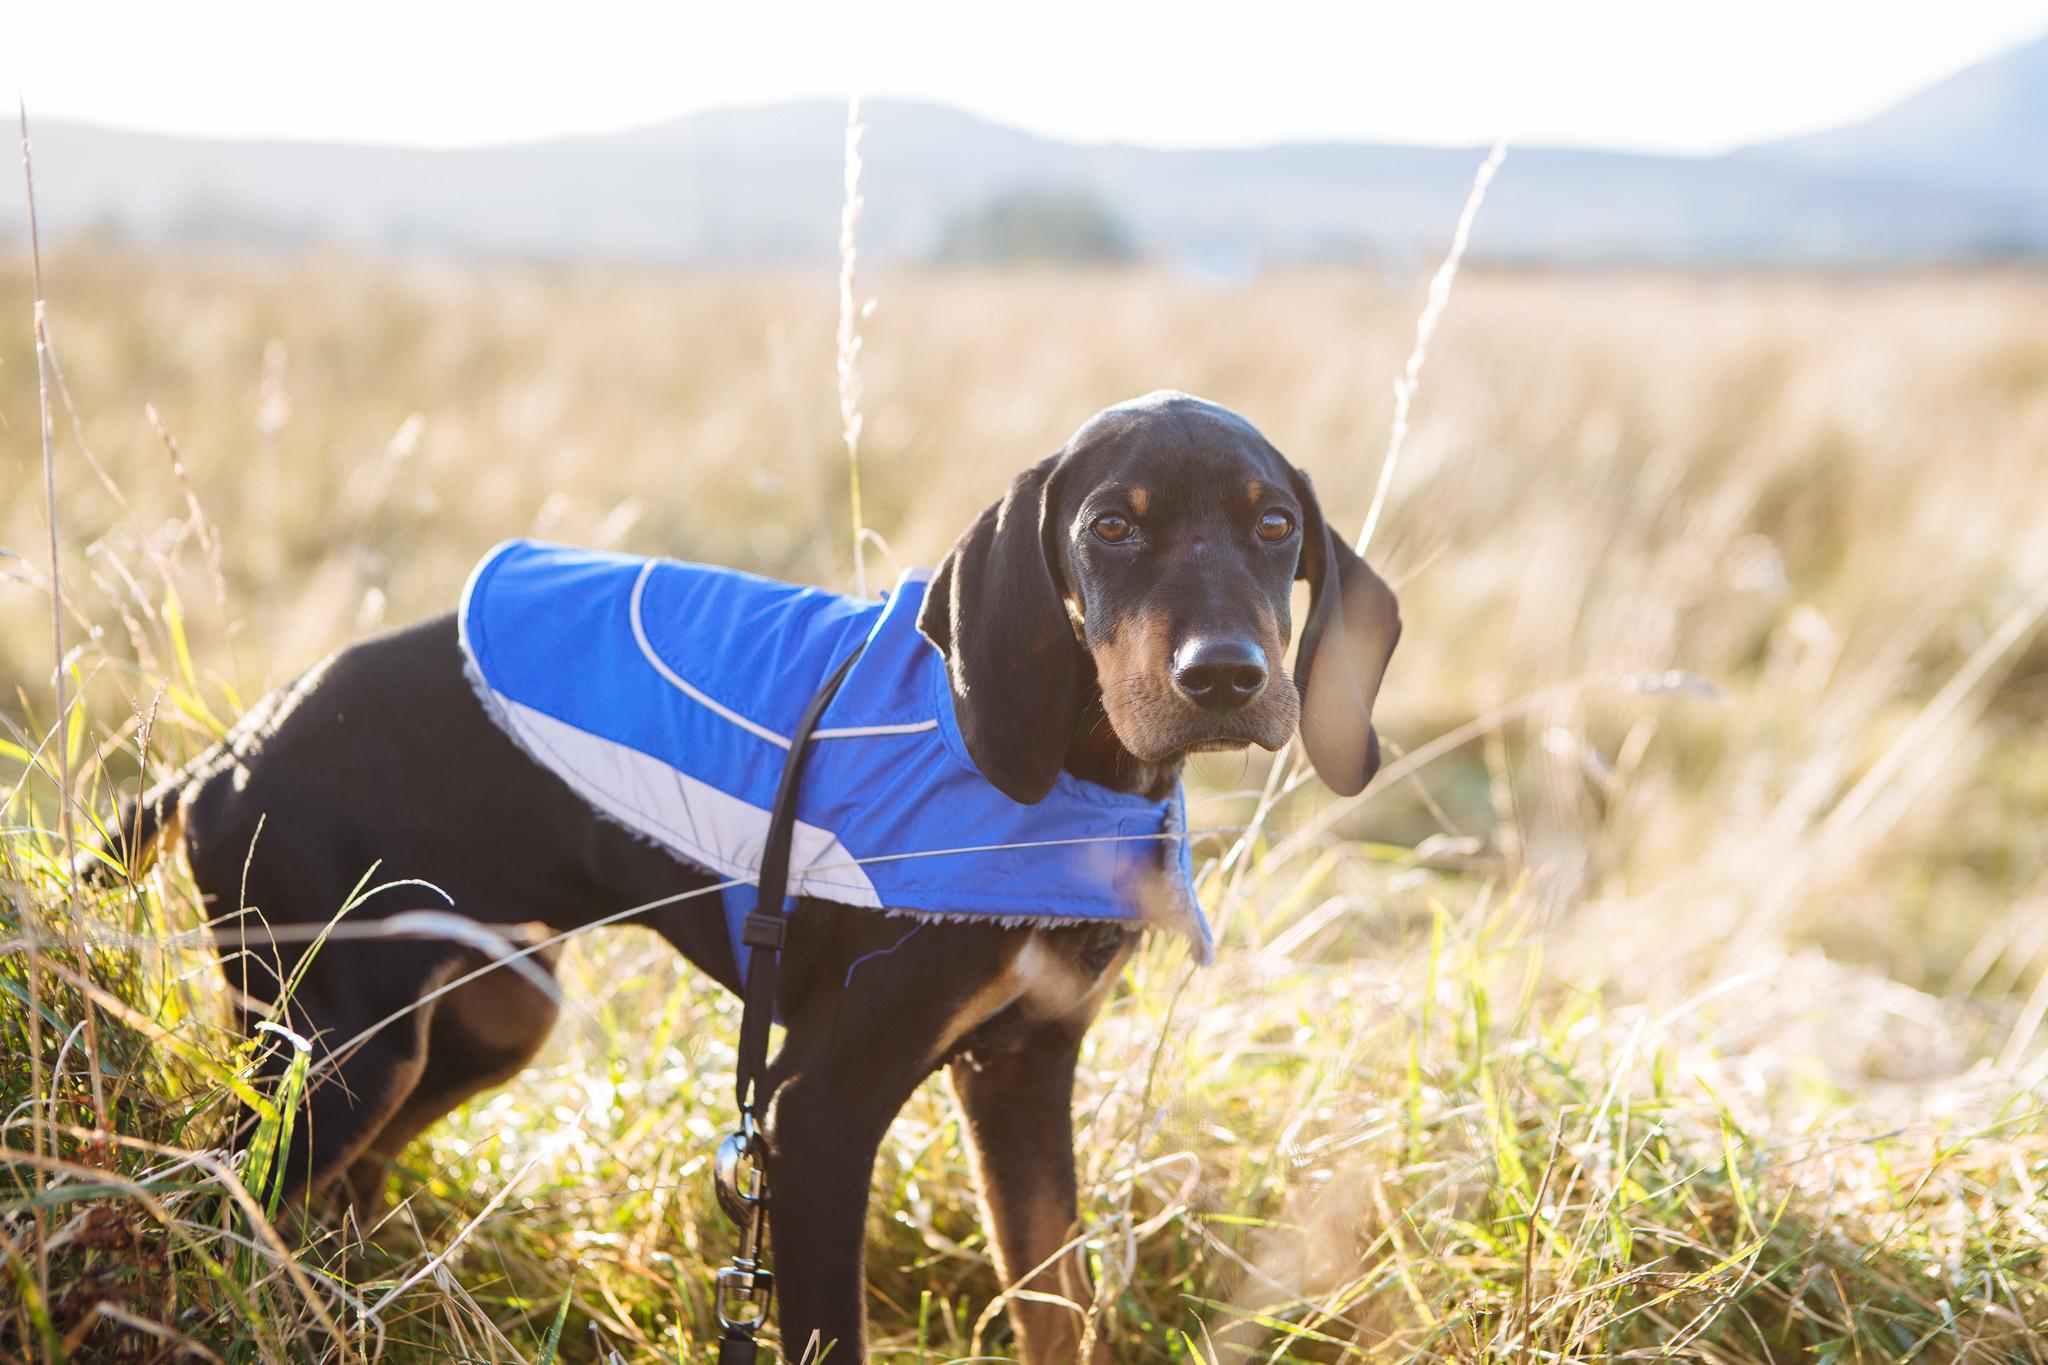 Adopt dont shop, puppy adoption, rescue puppy, rescue dog, cyprus, pointer, jura mix